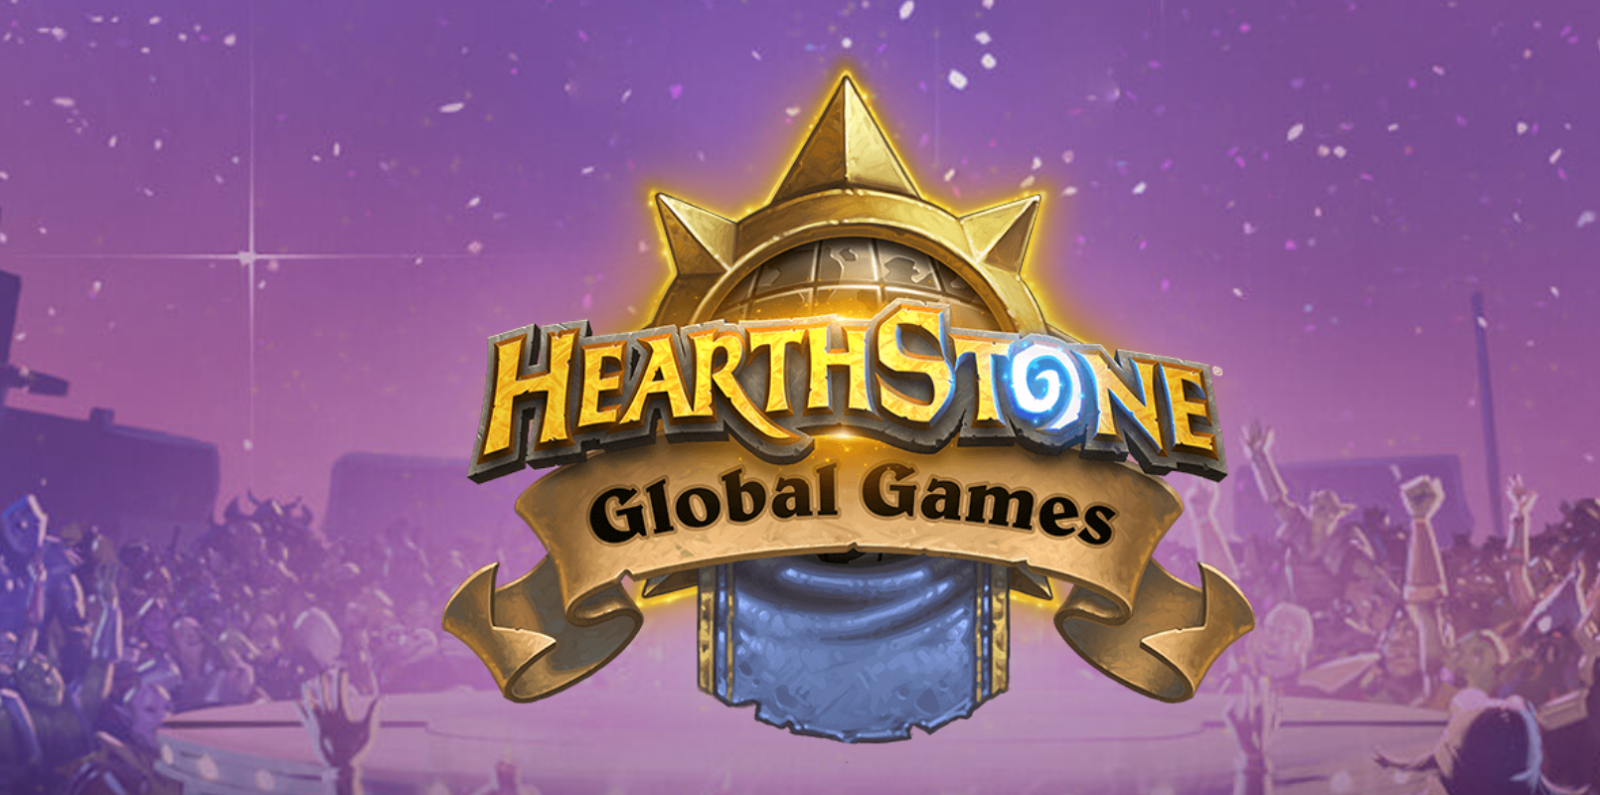 Vota al representante de tu país en Hearthstone Global Games y gana un sobre